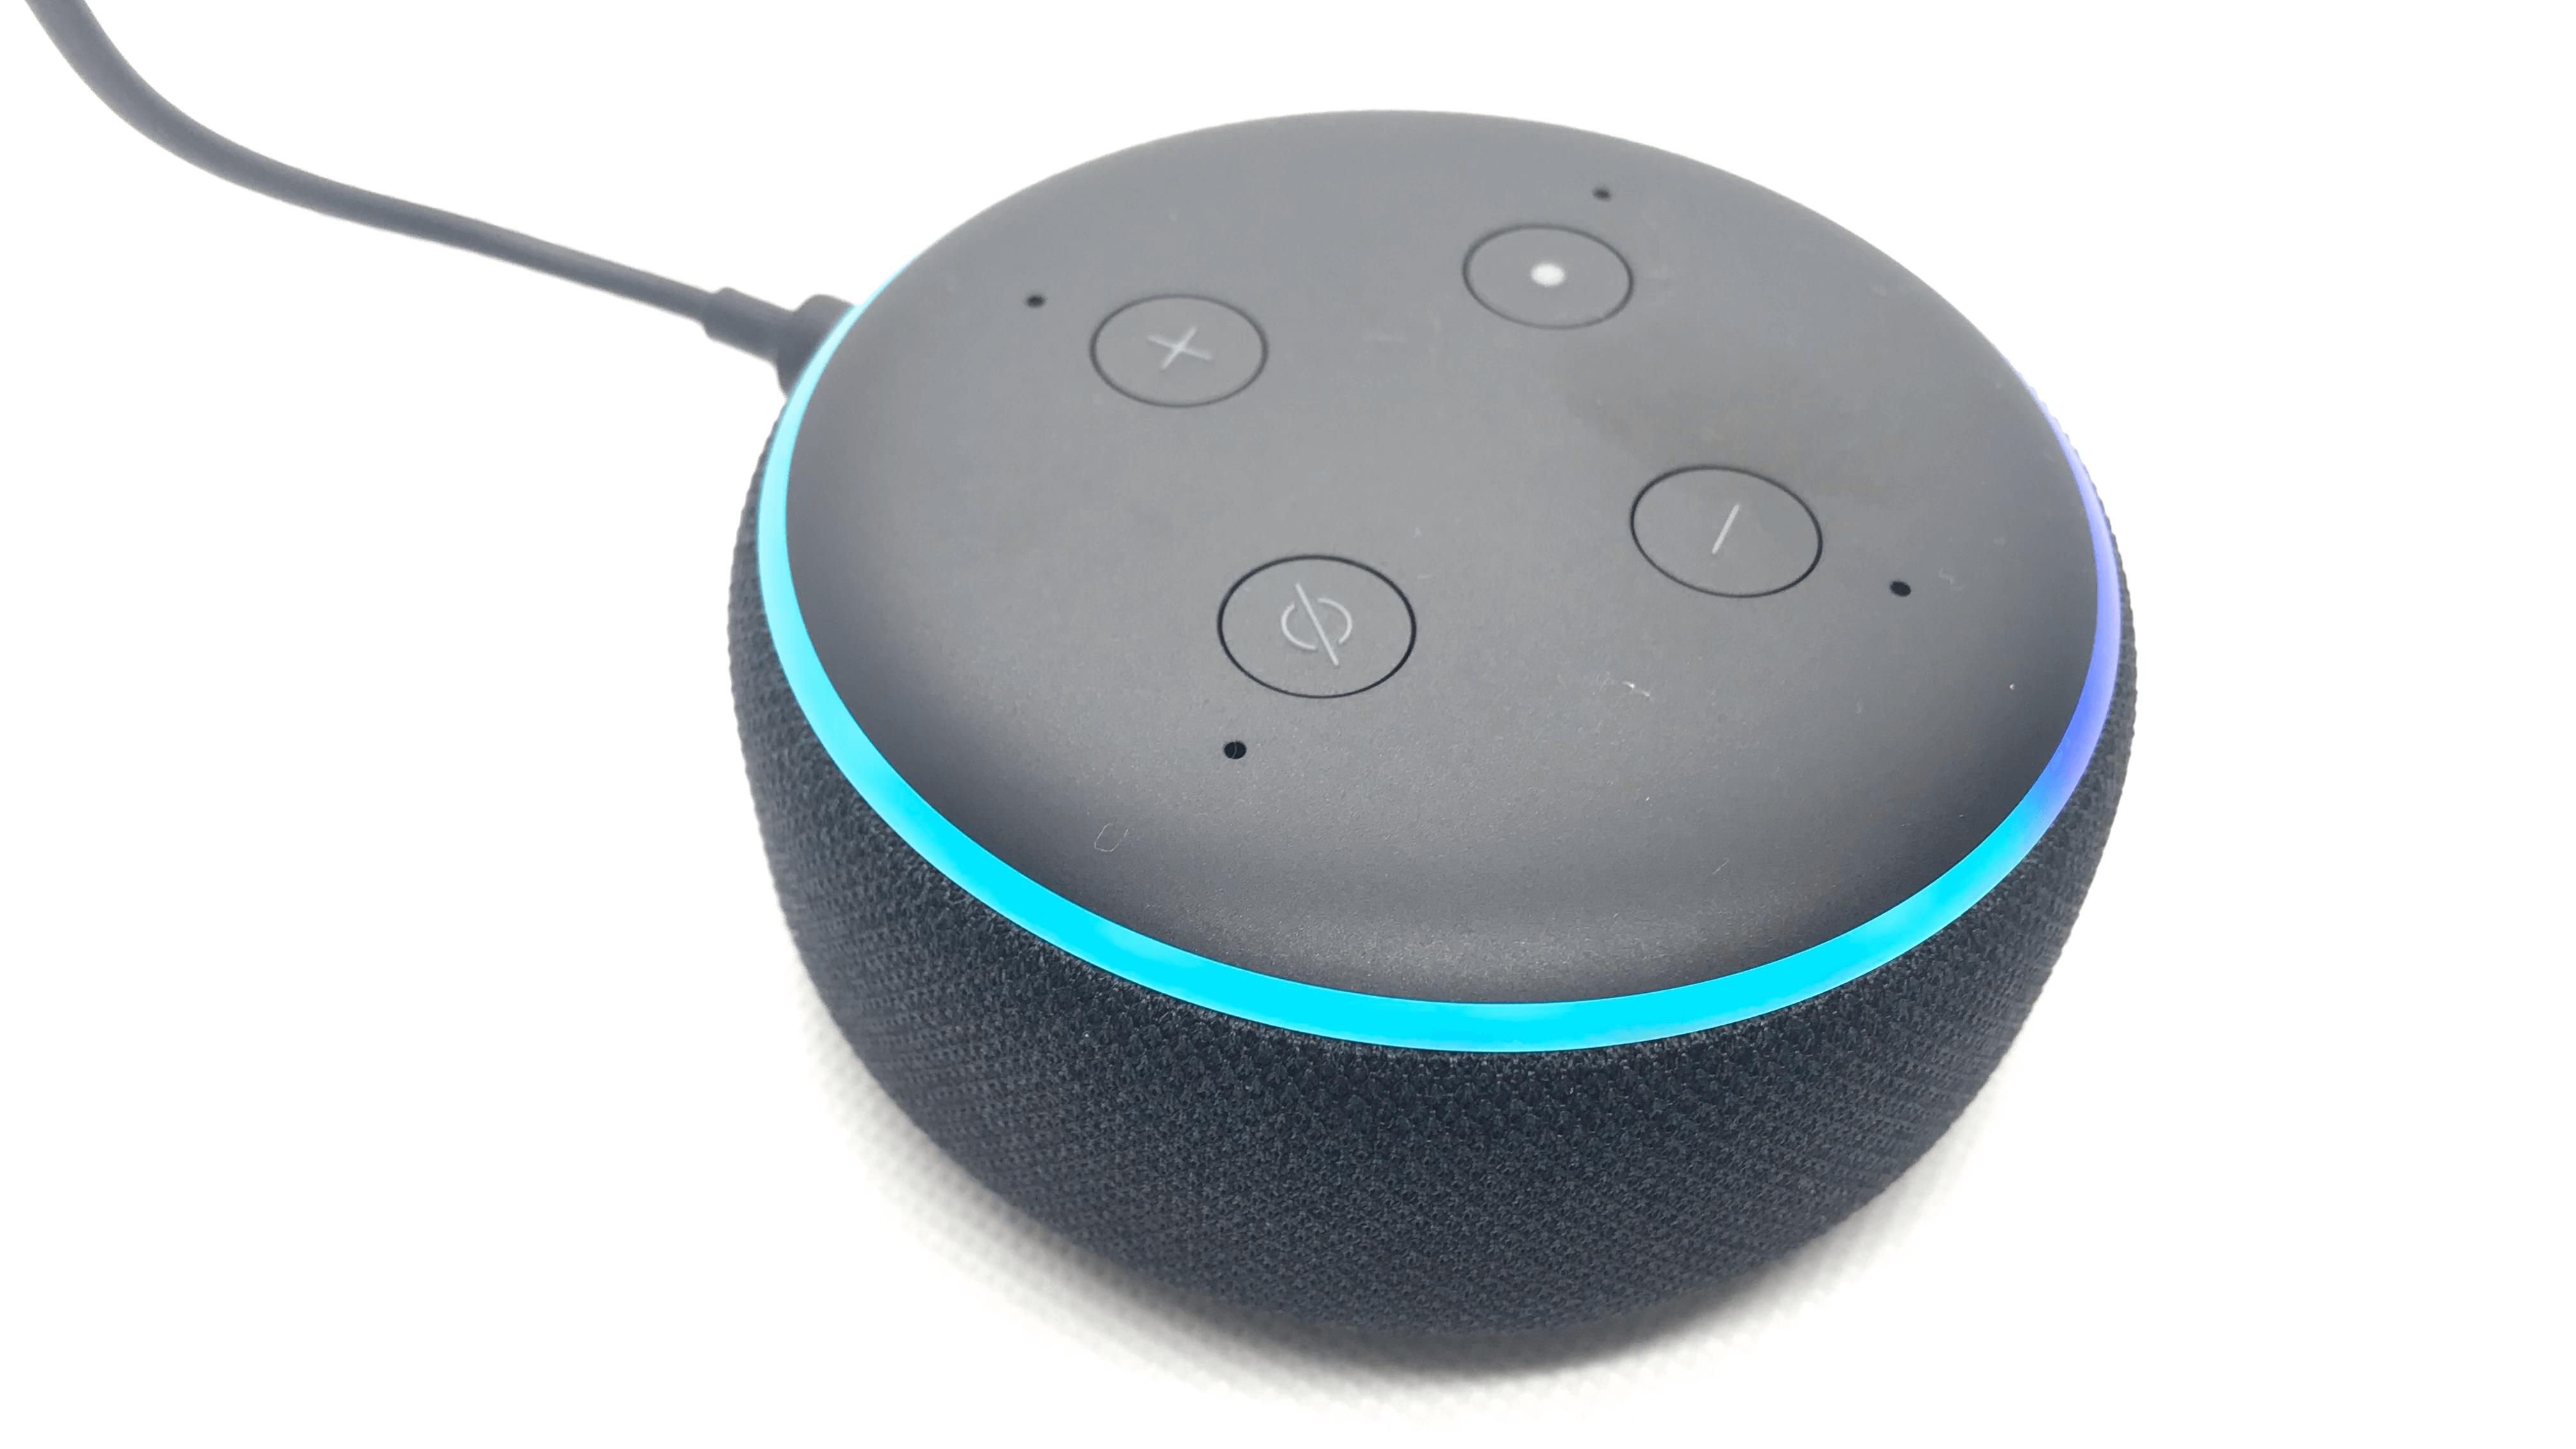 音声での家電操作ばかりじゃない。Amazon Alexa (アレクサ)のスマートスピーカーを導入する理由と選ぶポイント。